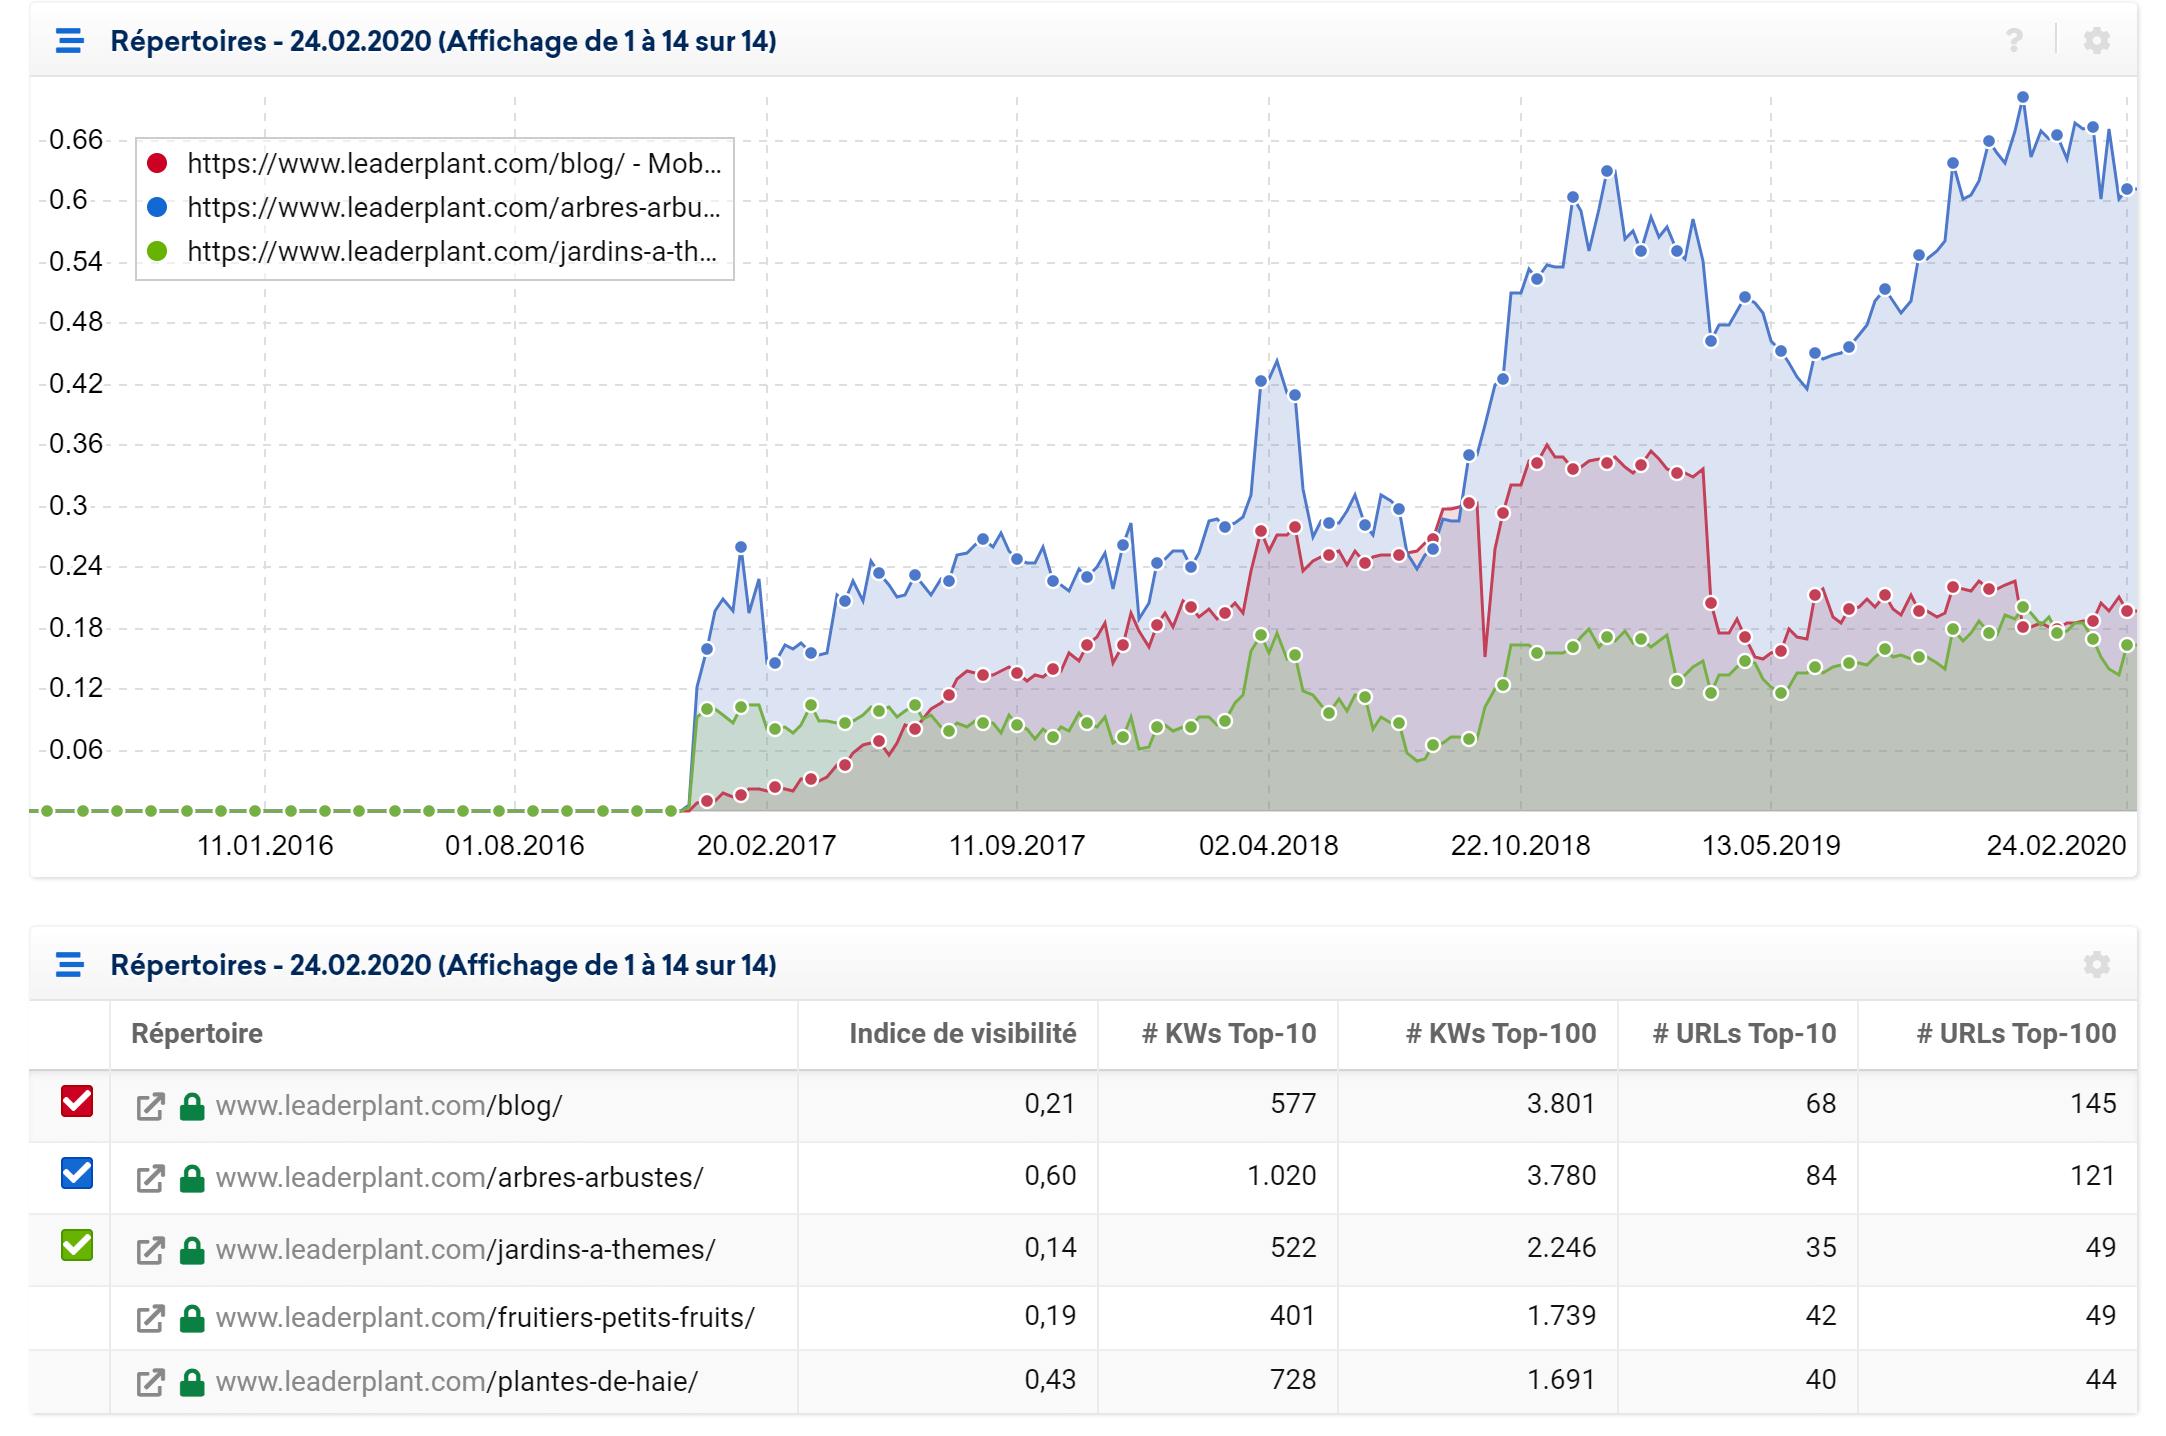 Évolutions des répertoires de leaderplant.com